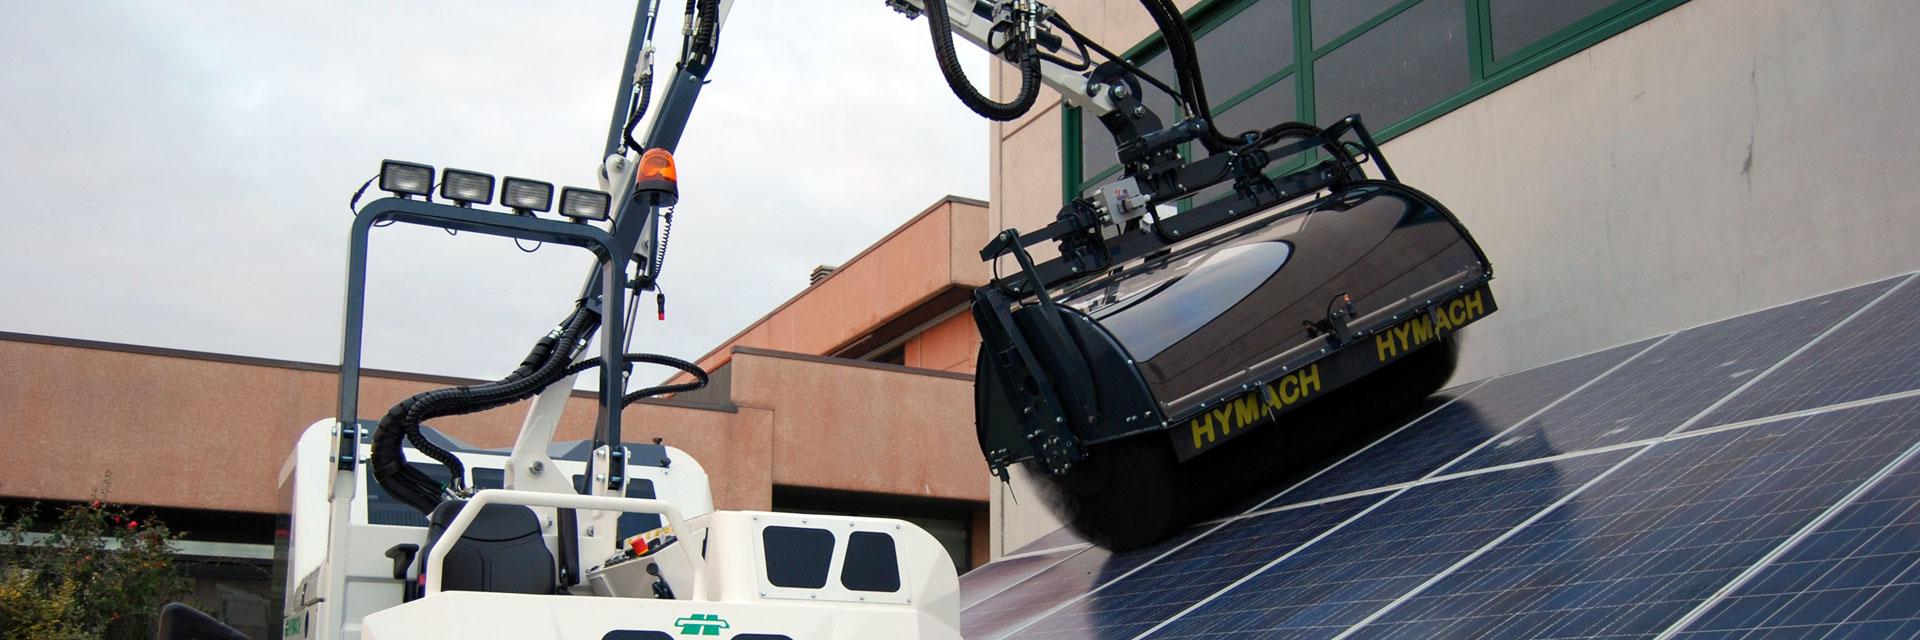 Pulitrici pannelli solari